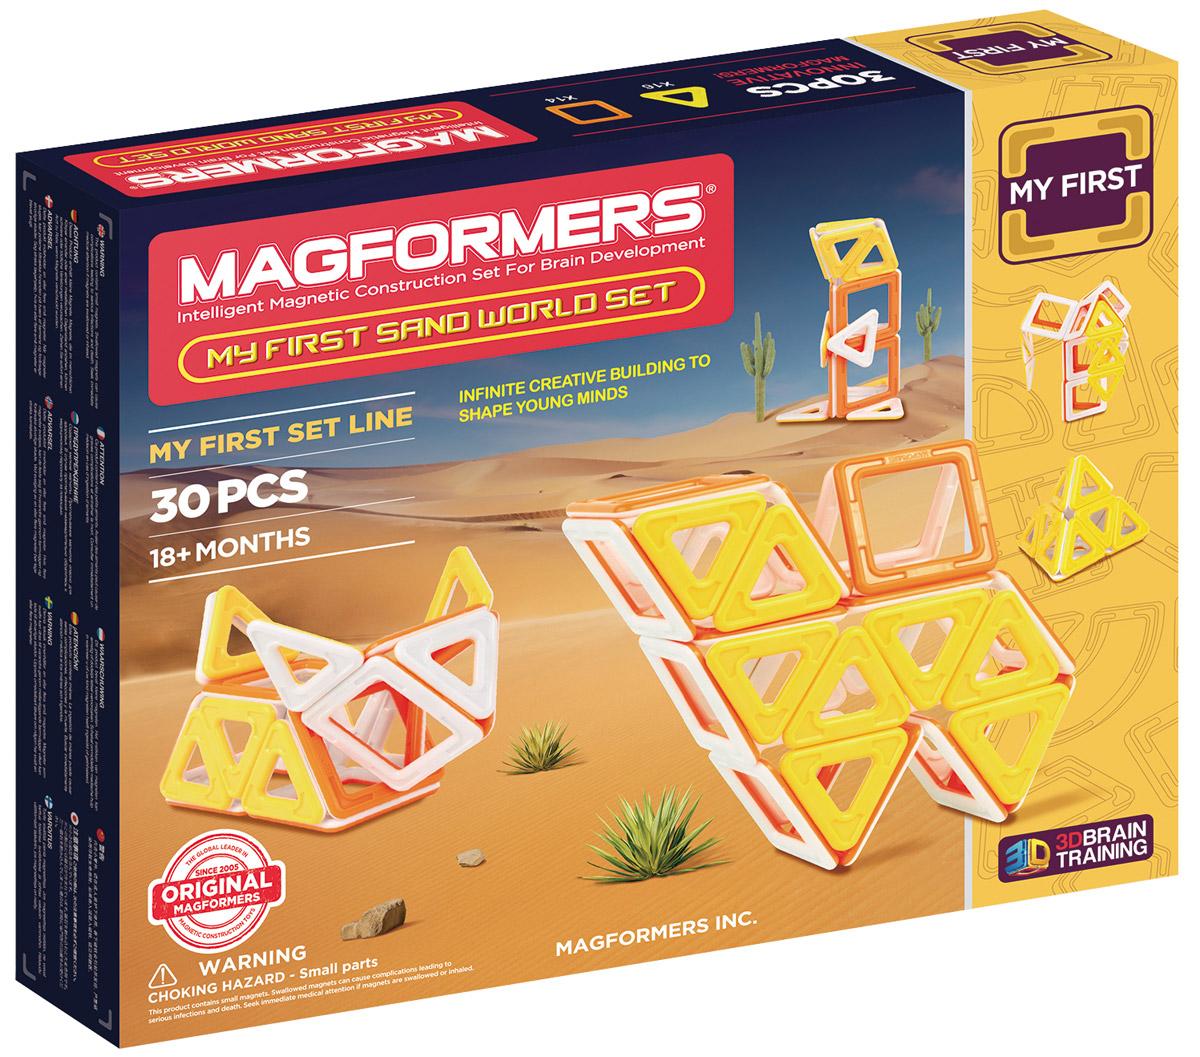 Magformers Магнитный конструктор My First Sand World702010My First Sand World Set — пополнение в семейству конструкторов Magformers, посвященных природной тематике, таких как My First Ice World Set и My First Forest World Set. Новый набор My First Sand World посвящен пустыне. Детали окрашены в теплые, напоминающие песчаные дюны, цвета: желтый, оранжевый, белый. В состав набора входят квадраты и треугольники, из которых можно собрать разнообразных пустынных обитателей, пальмы и даже пирамиду со сфинксом! Этот маленький добрый набор подойдет как для первого знакомства с миром Магформерс, так и для тех, кто хочет разнообразить свою коллекцию. В комплект также входит красочно иллюстрированная Книга Идей с подробными схемами сборки лесных обитателей. Вы сможете собрать верблюда, ящерицу, скорпиона, кобру или включить воображение и придумать собственного зверька. Набор станет отличным подарком для юного натуралиста! Наборы Магформерс выгодно отличаются от других конструкторов тем, что внутри каждого элемента находятся магниты. В процессе...